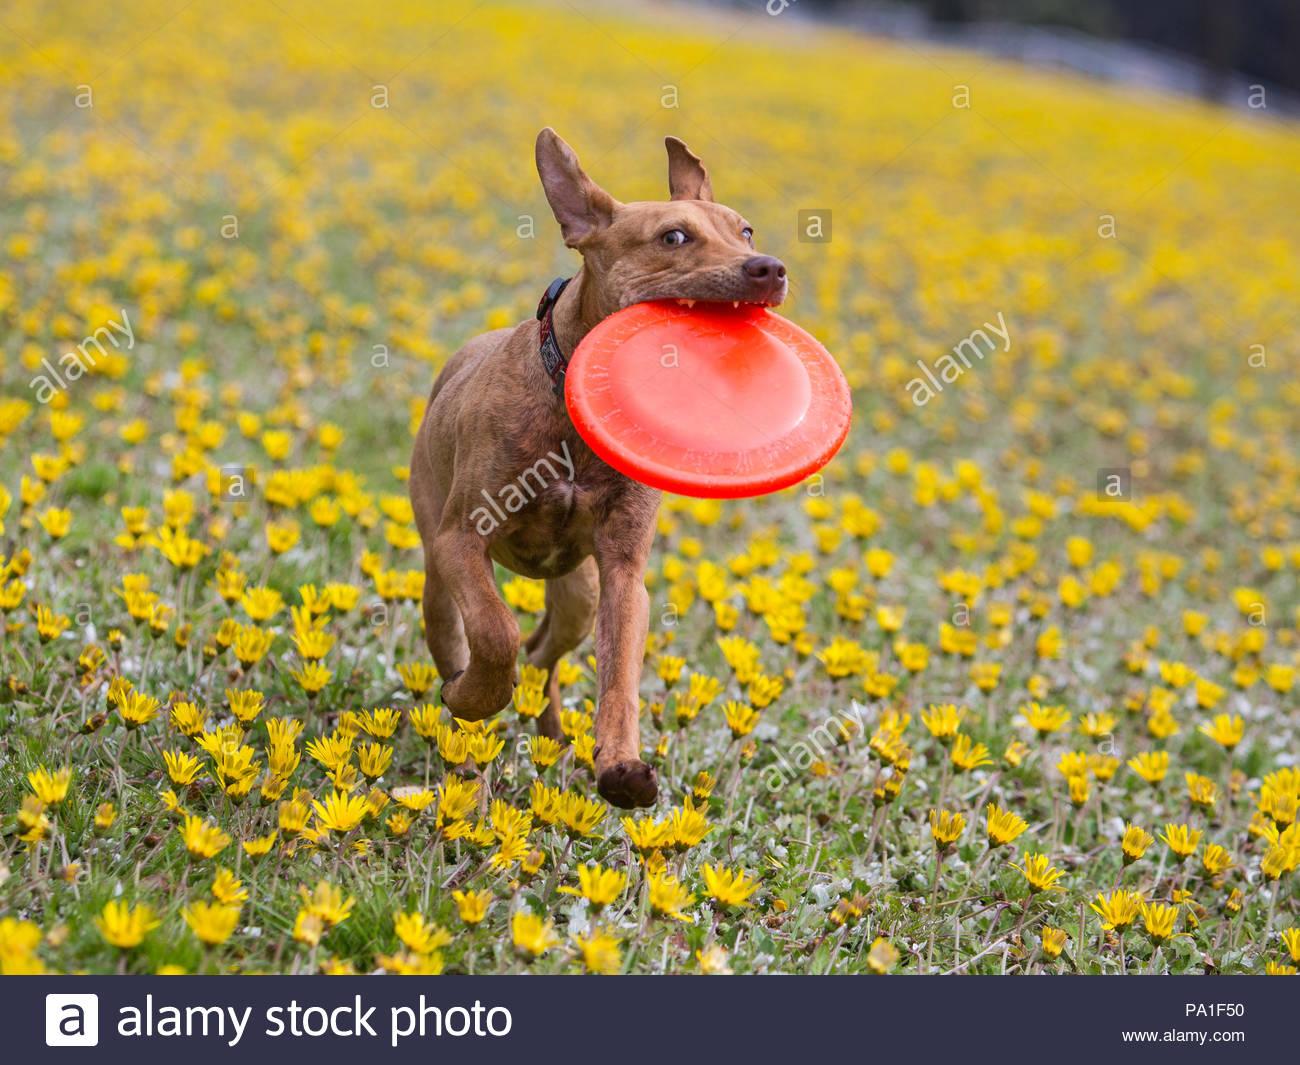 Braune pitbull mix Hund läuft durch ein Feld von Löwenzahn mit einem Frisbee im Maul Stockbild